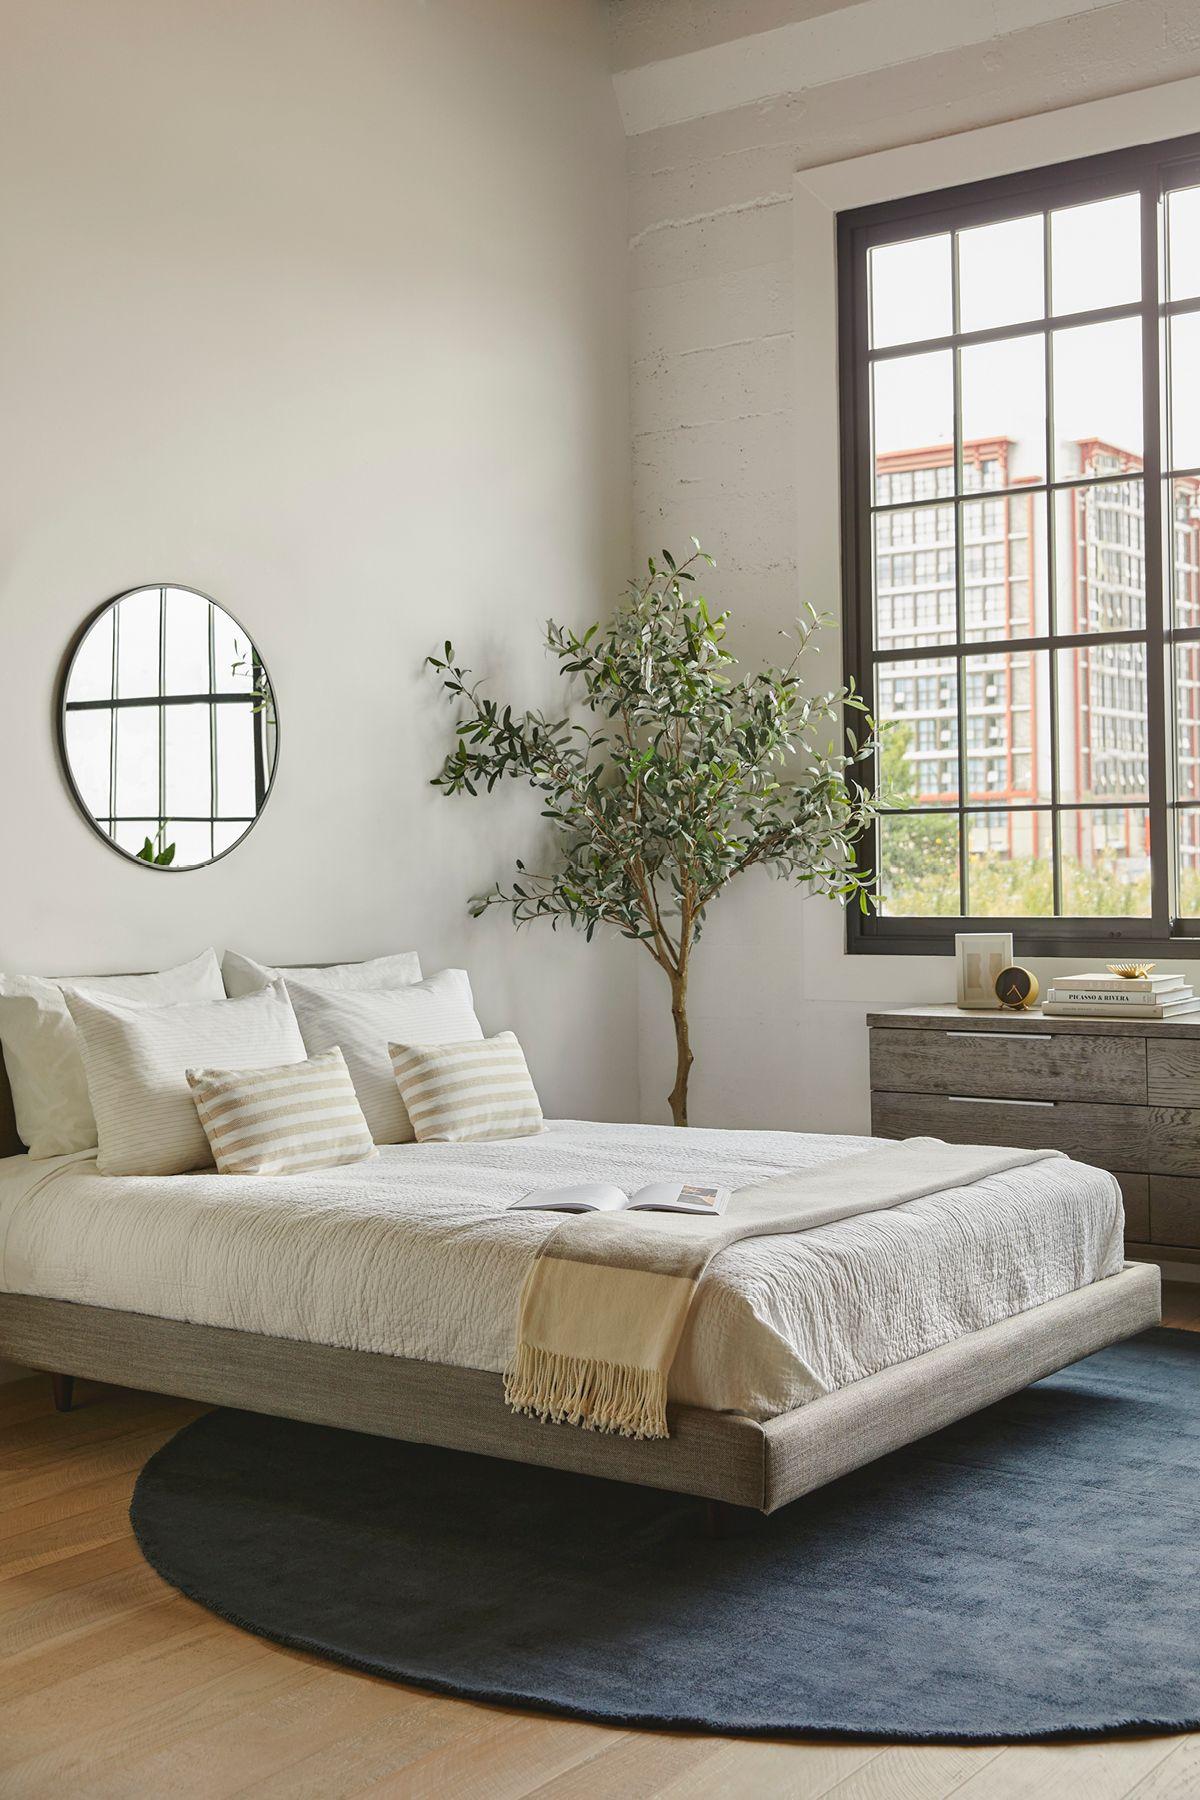 19 mẫu phòng ngủ hài hòa và thư thái theo phong cách Zen - Ảnh 5.